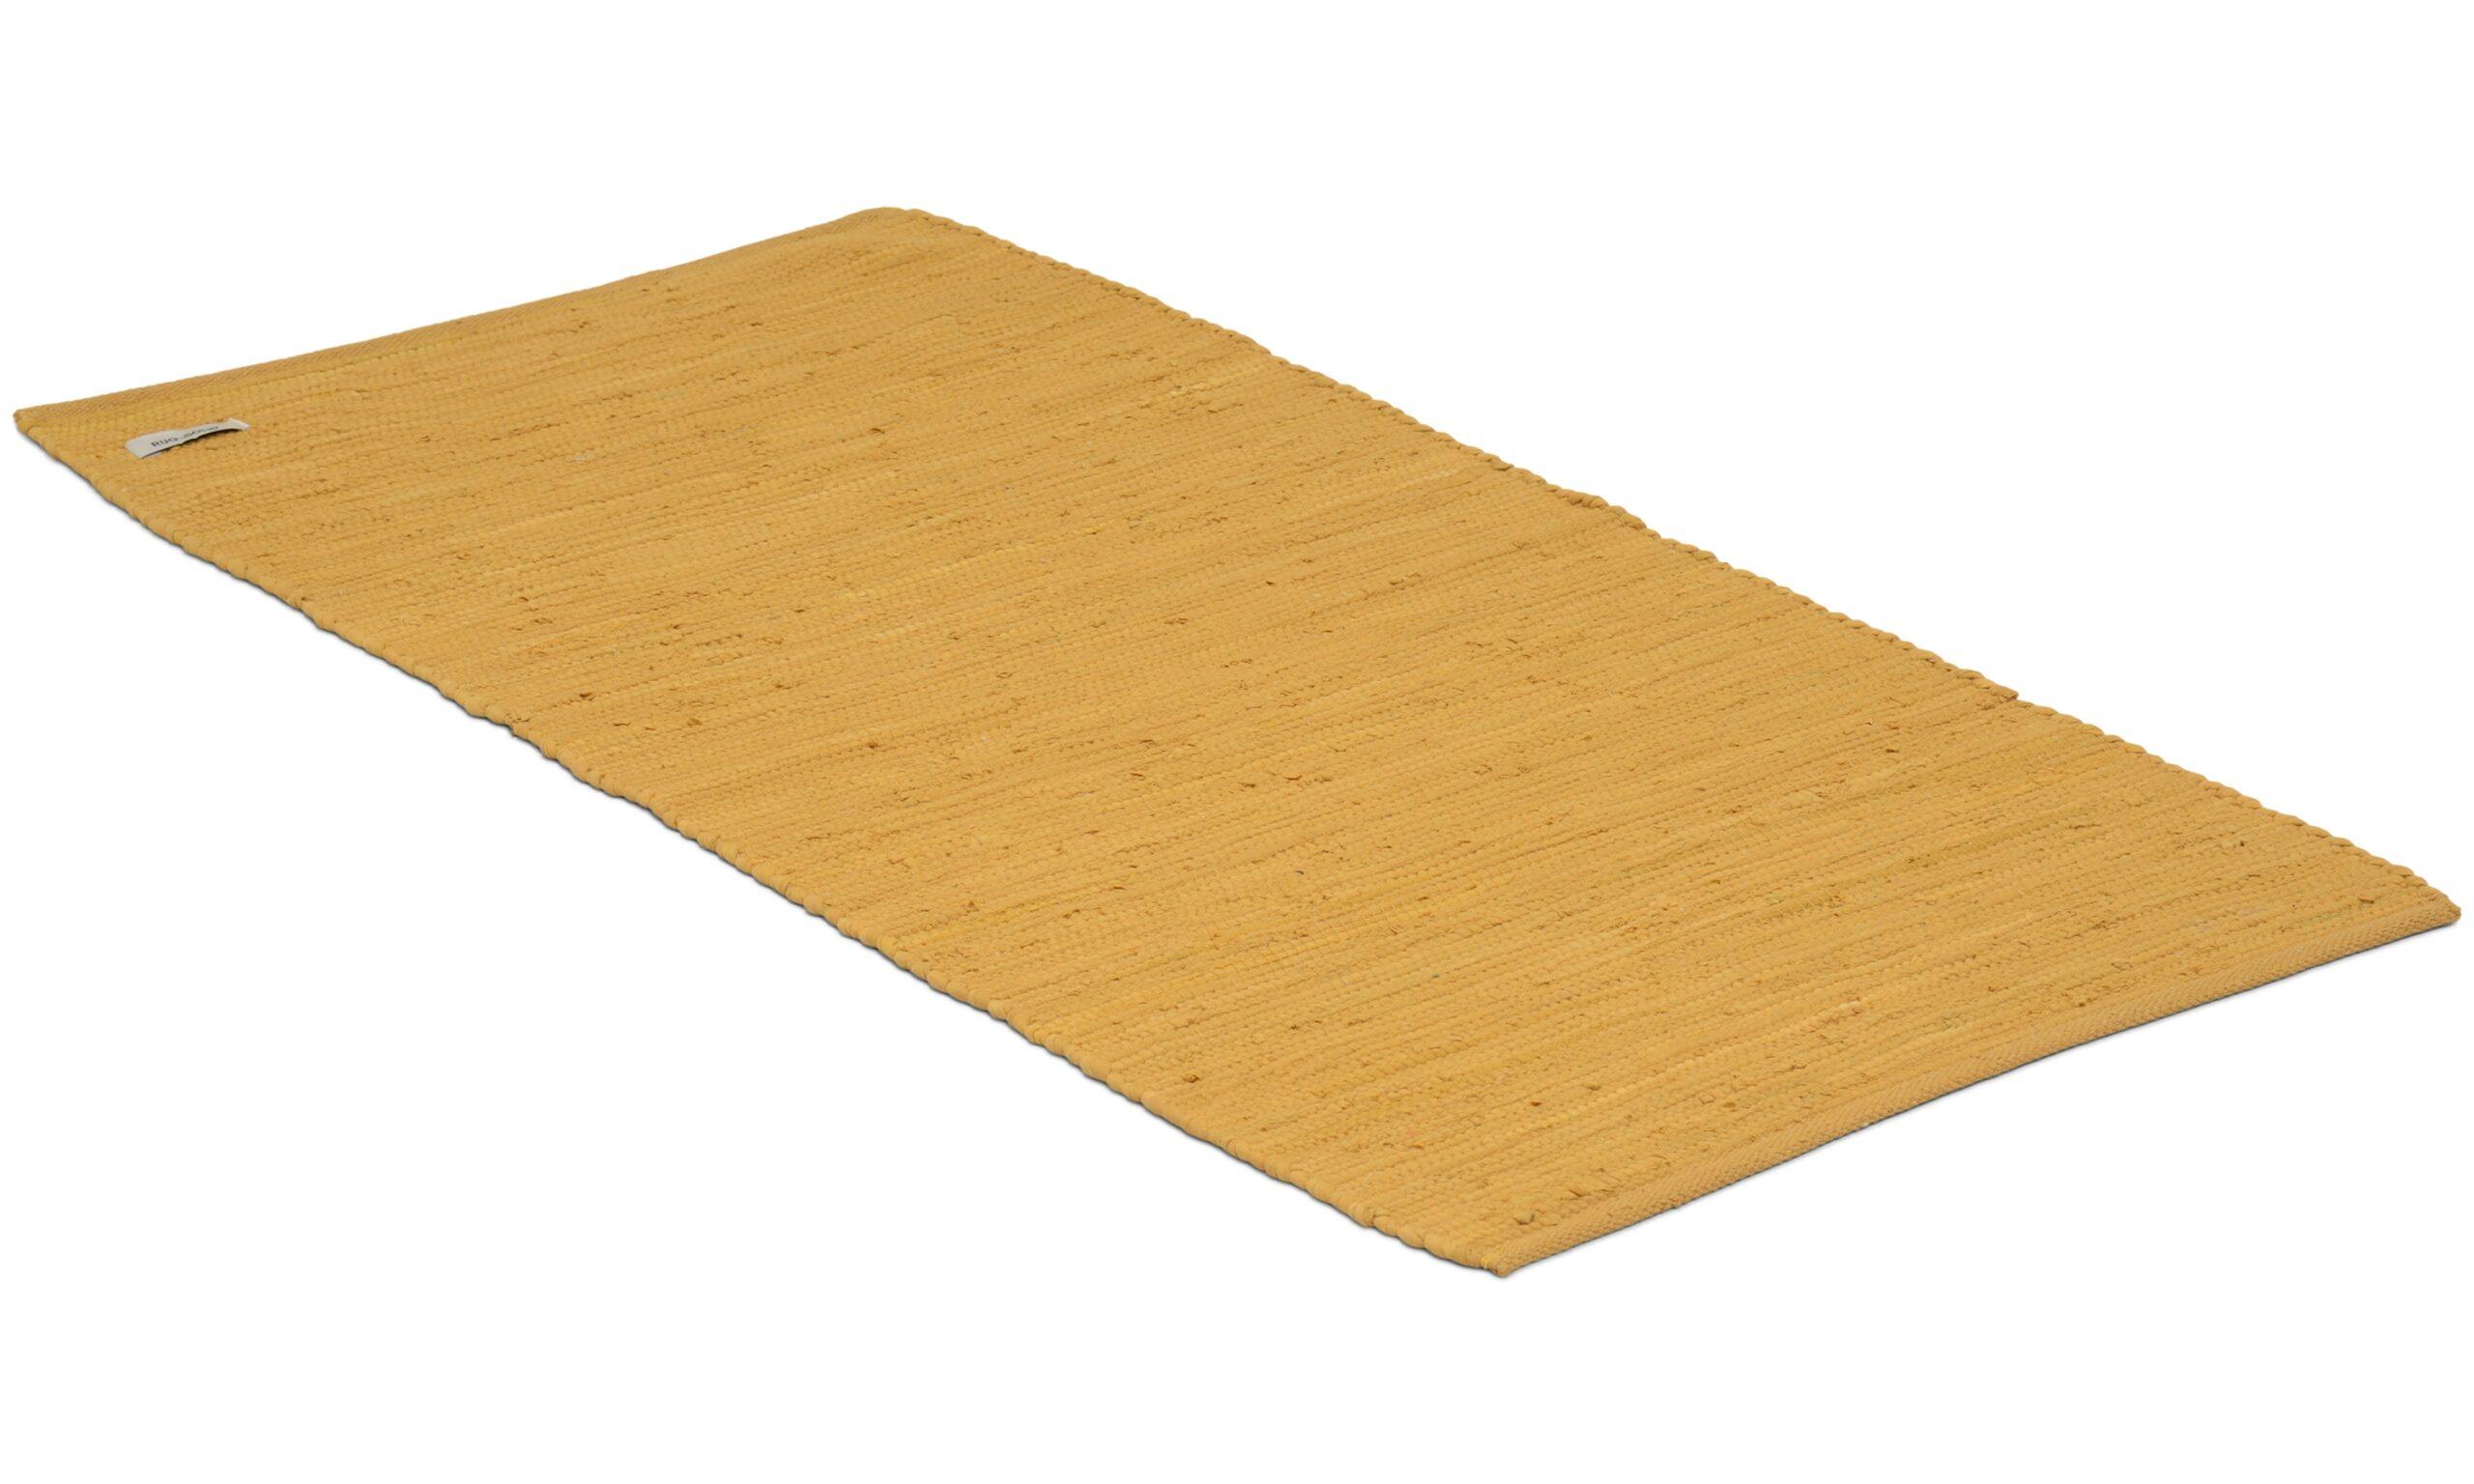 Cotton rug burnished amber - fillerye